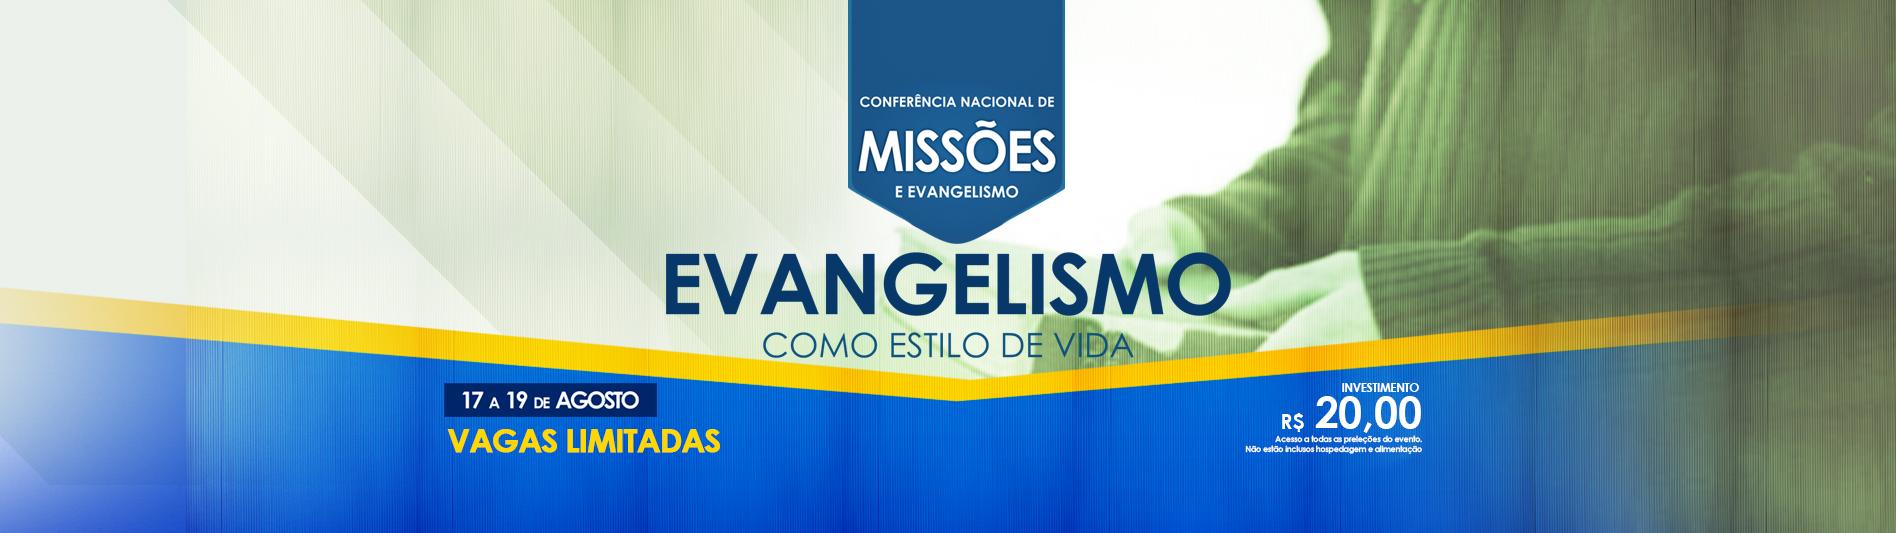 CONFERÊNCIA NACIONAL DE MISSÕES E EVANGELISMO